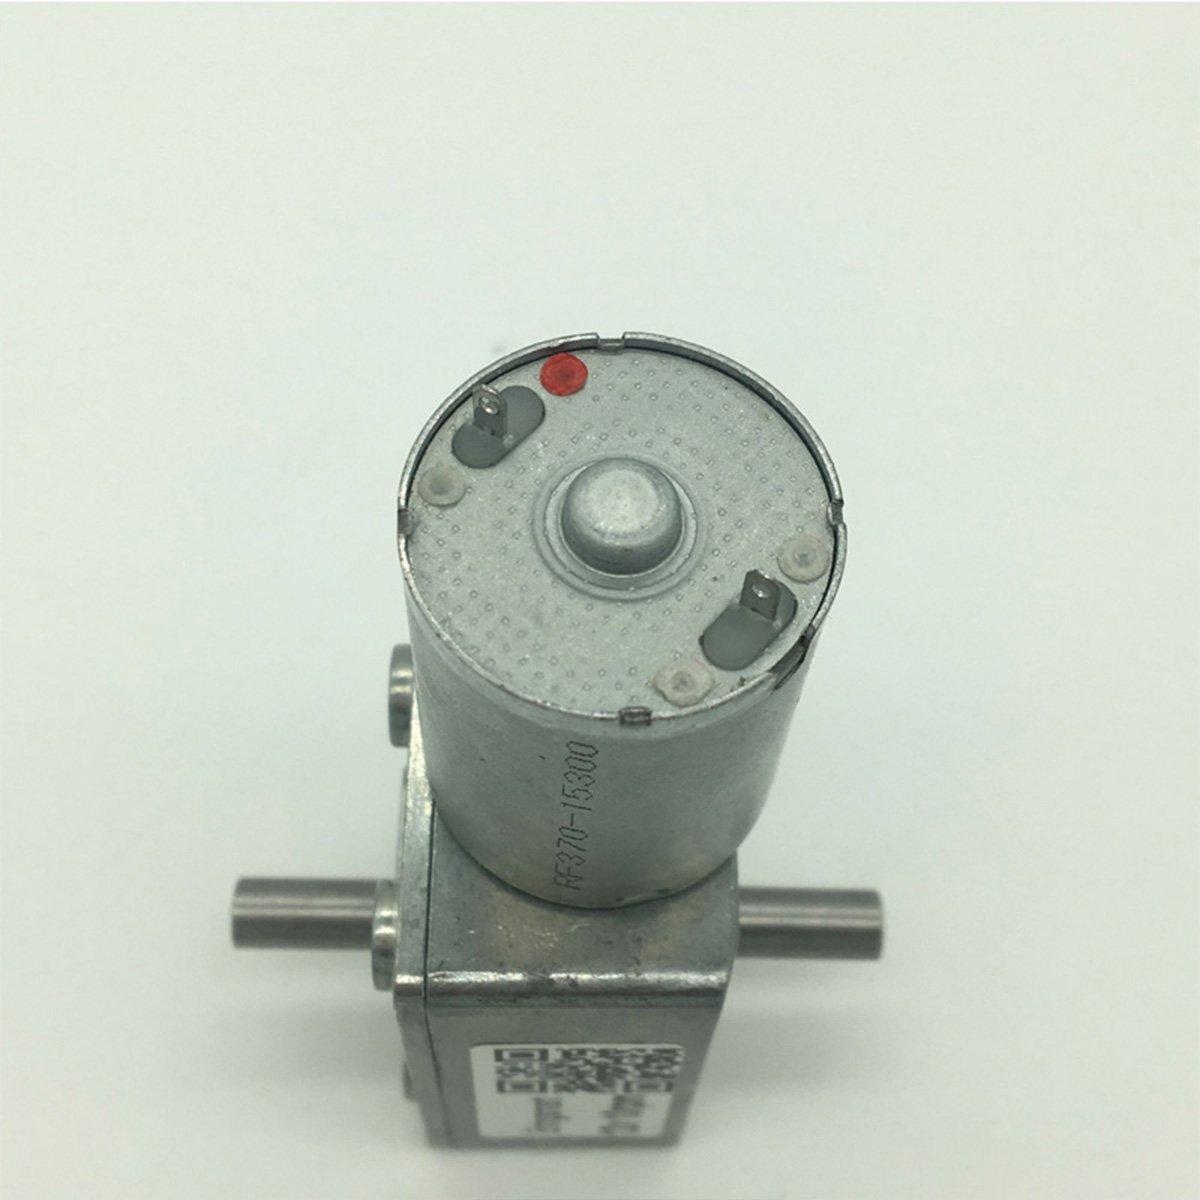 Bringsmart 6V Double Shaft Gear Motor 12V 24V DC Dual Output Shaft Reducer Self-lock (JGY-370 6V 6rpm) by Bringsmart (Image #3)